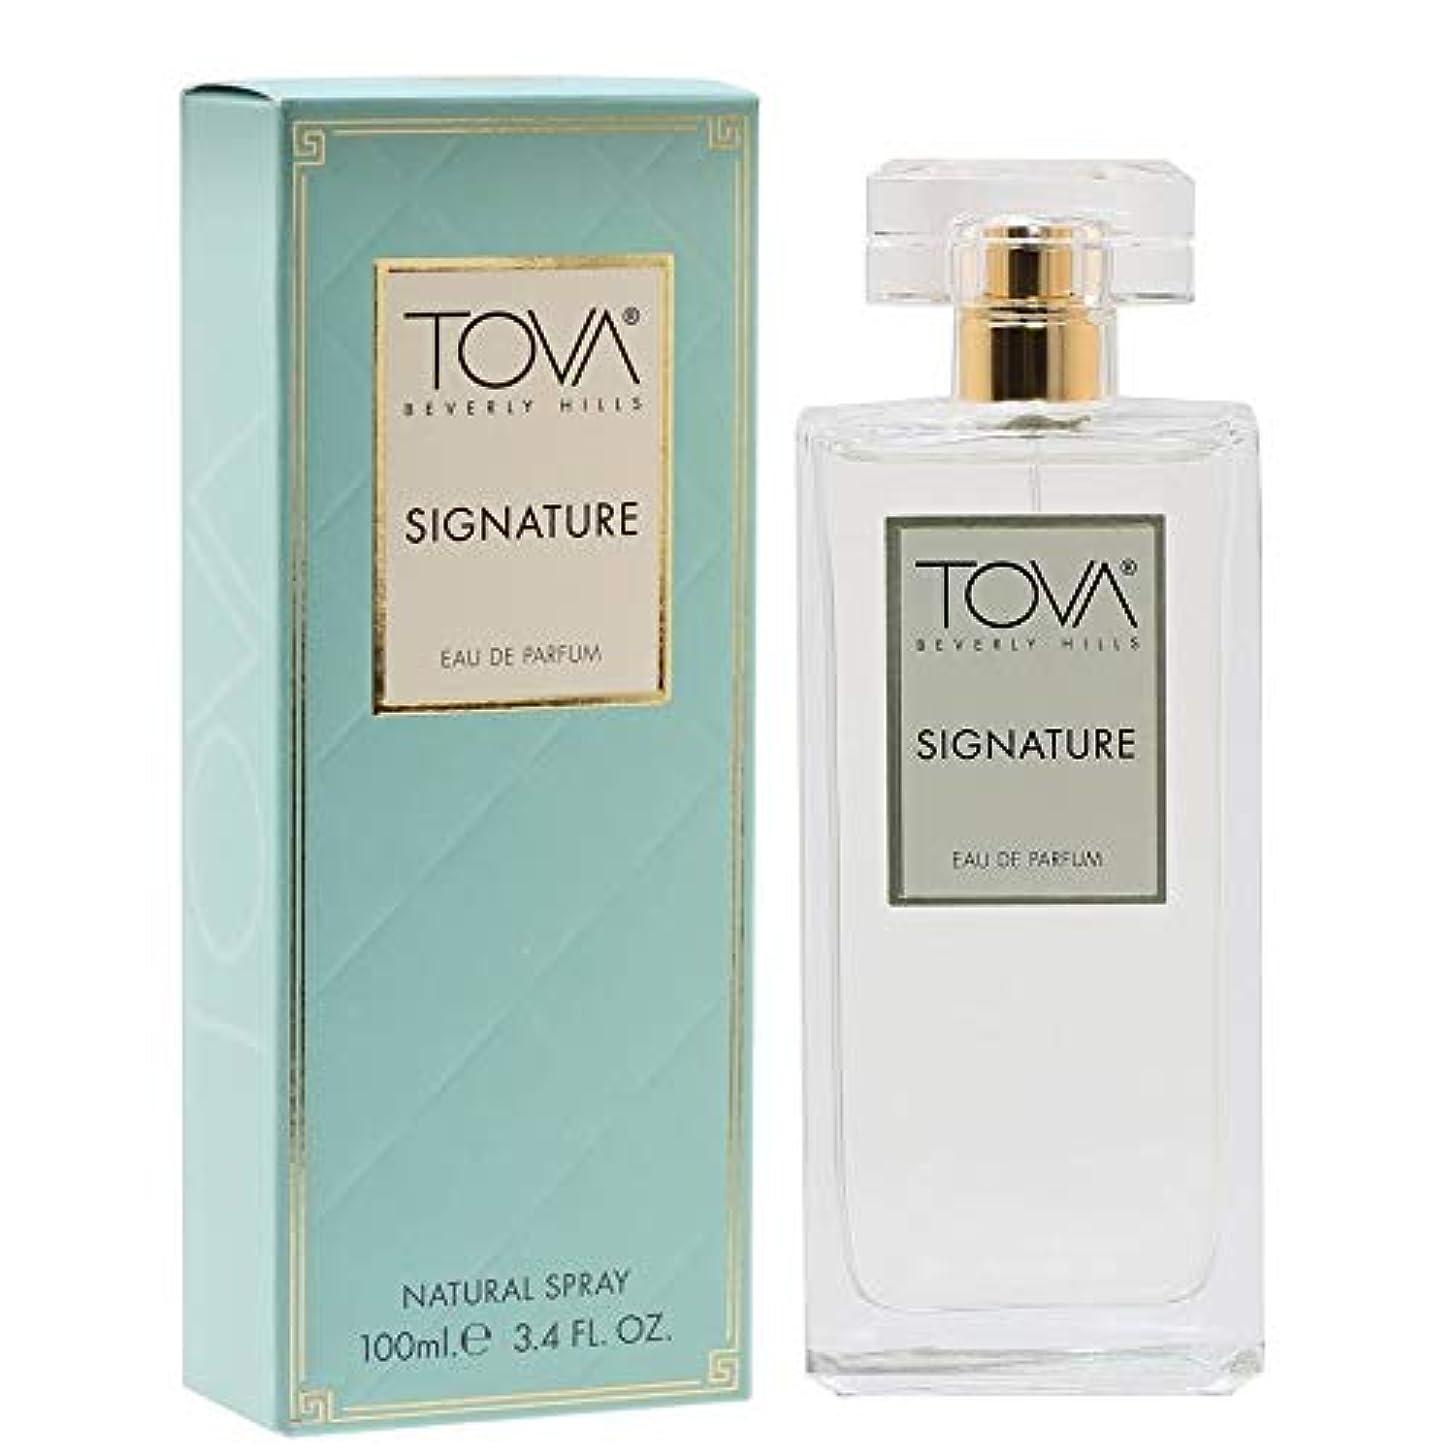 礼拝有毒な麻痺させるTova Signature Fragrance (トヴァ シグネチャ- フレグランス) 3.4 oz (100ml) EDP Spray (New Package 新デザイン)